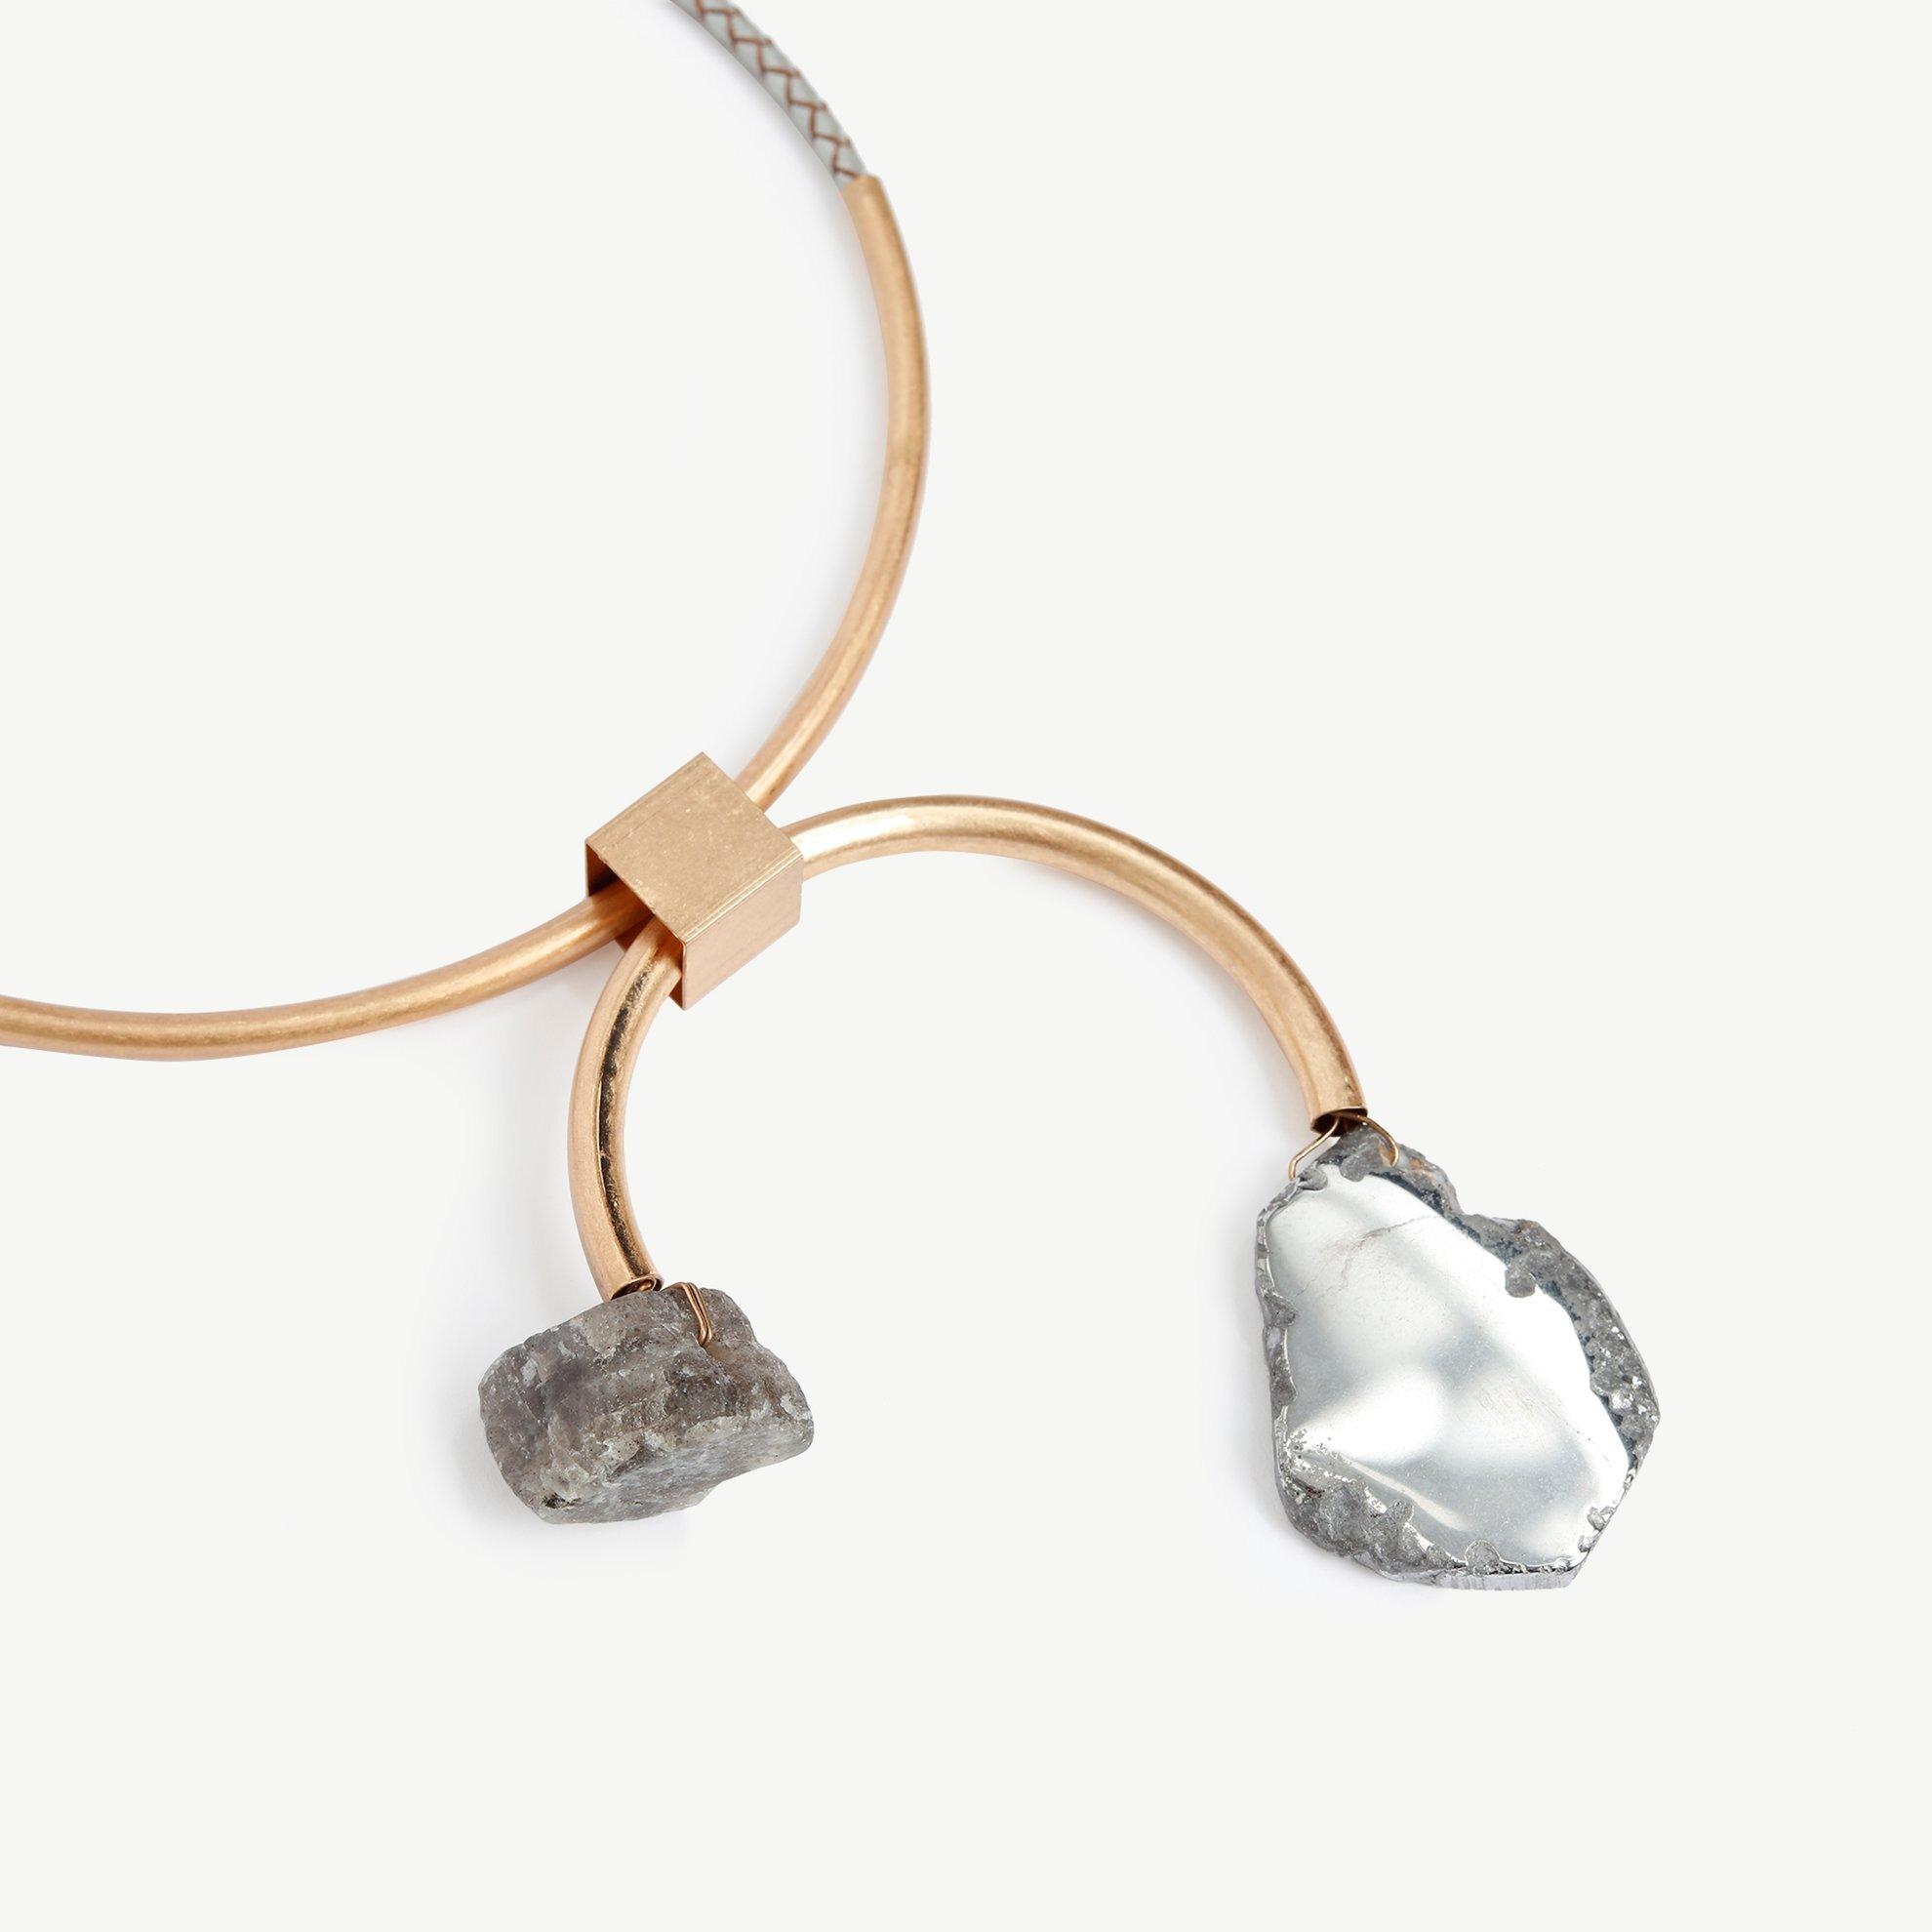 Moderne Halzkette mit Steinen